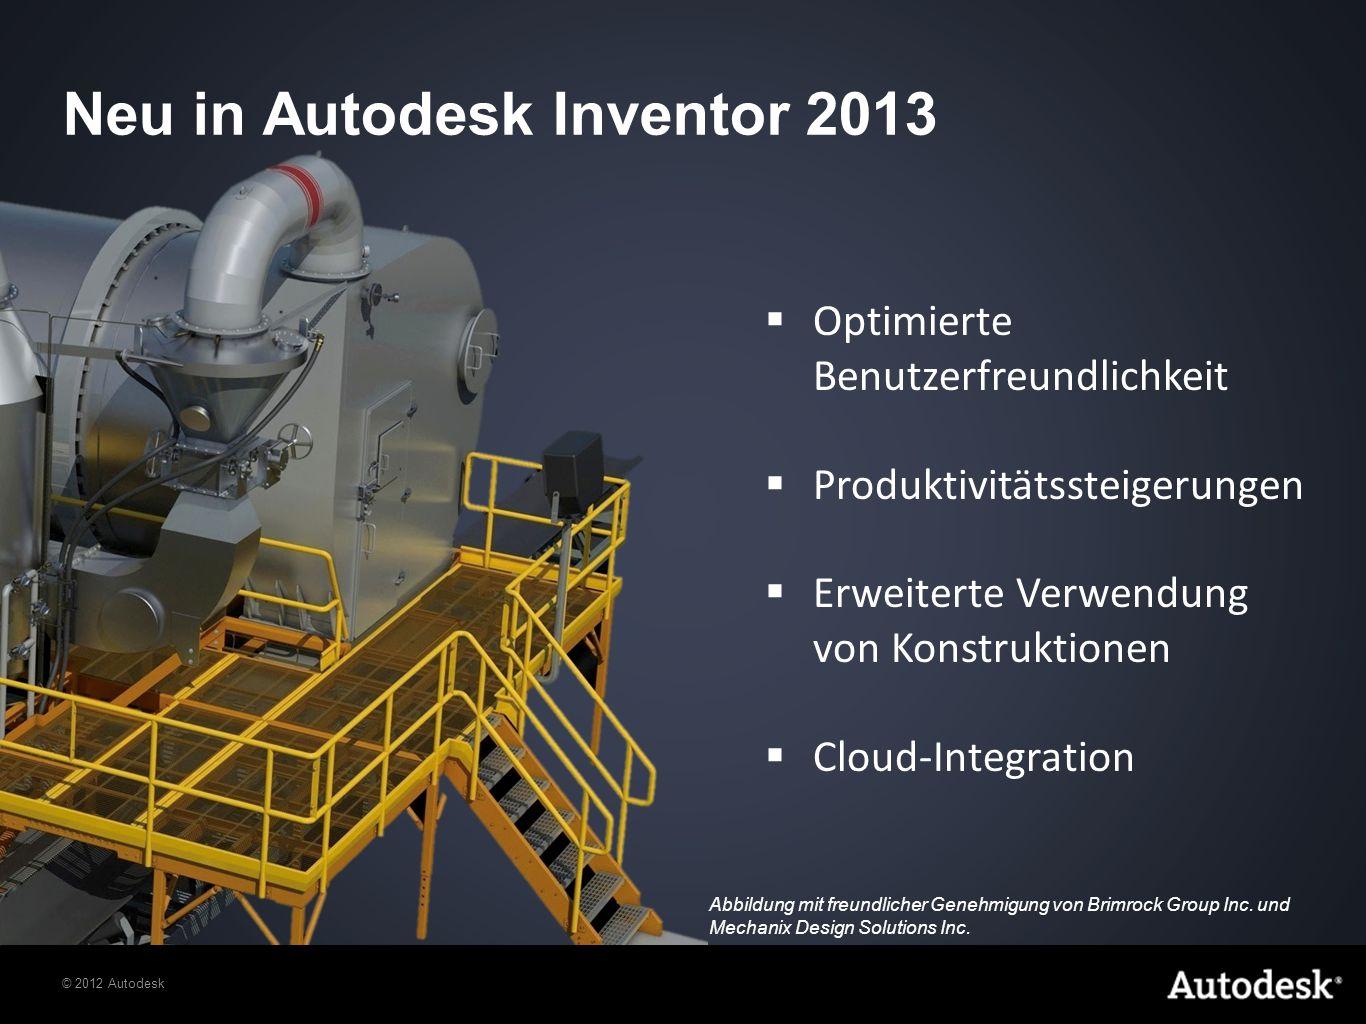 © 2012 Autodesk Autodesk, ATC, Autodesk Inventor und Inventor sind entweder Kennzeichen oder eingetragene Marken von Autodesk, Inc.